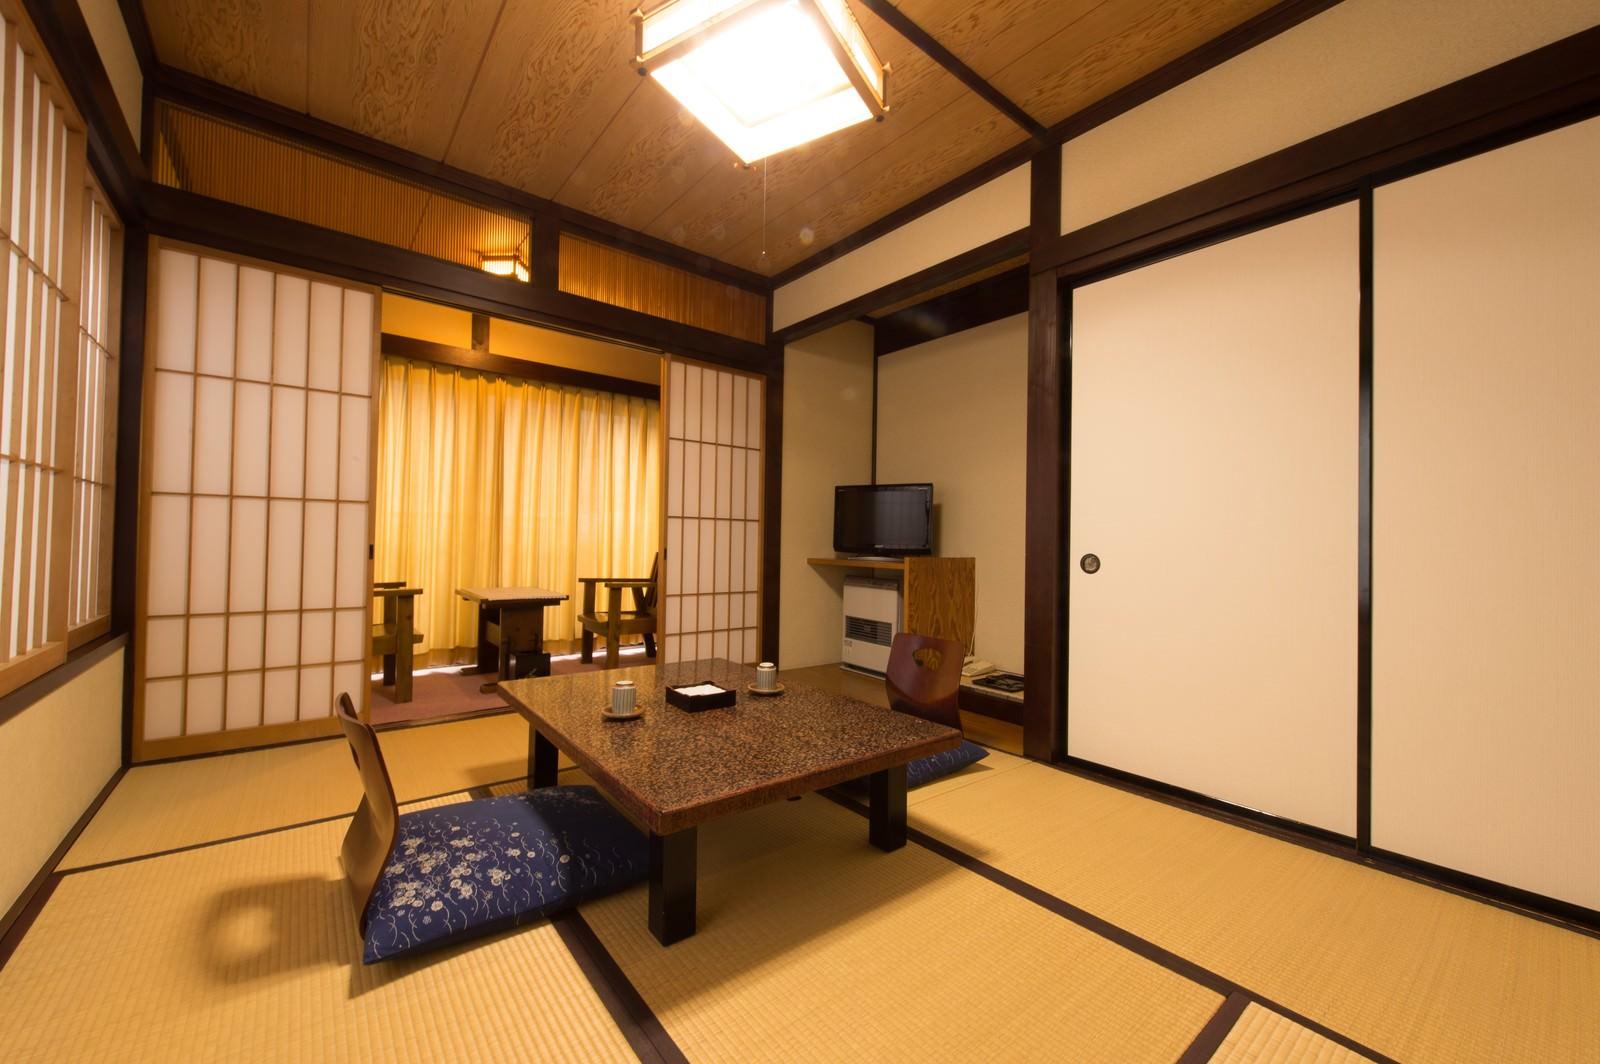 「お宿栄太郎の客室(平湯温泉)」の写真